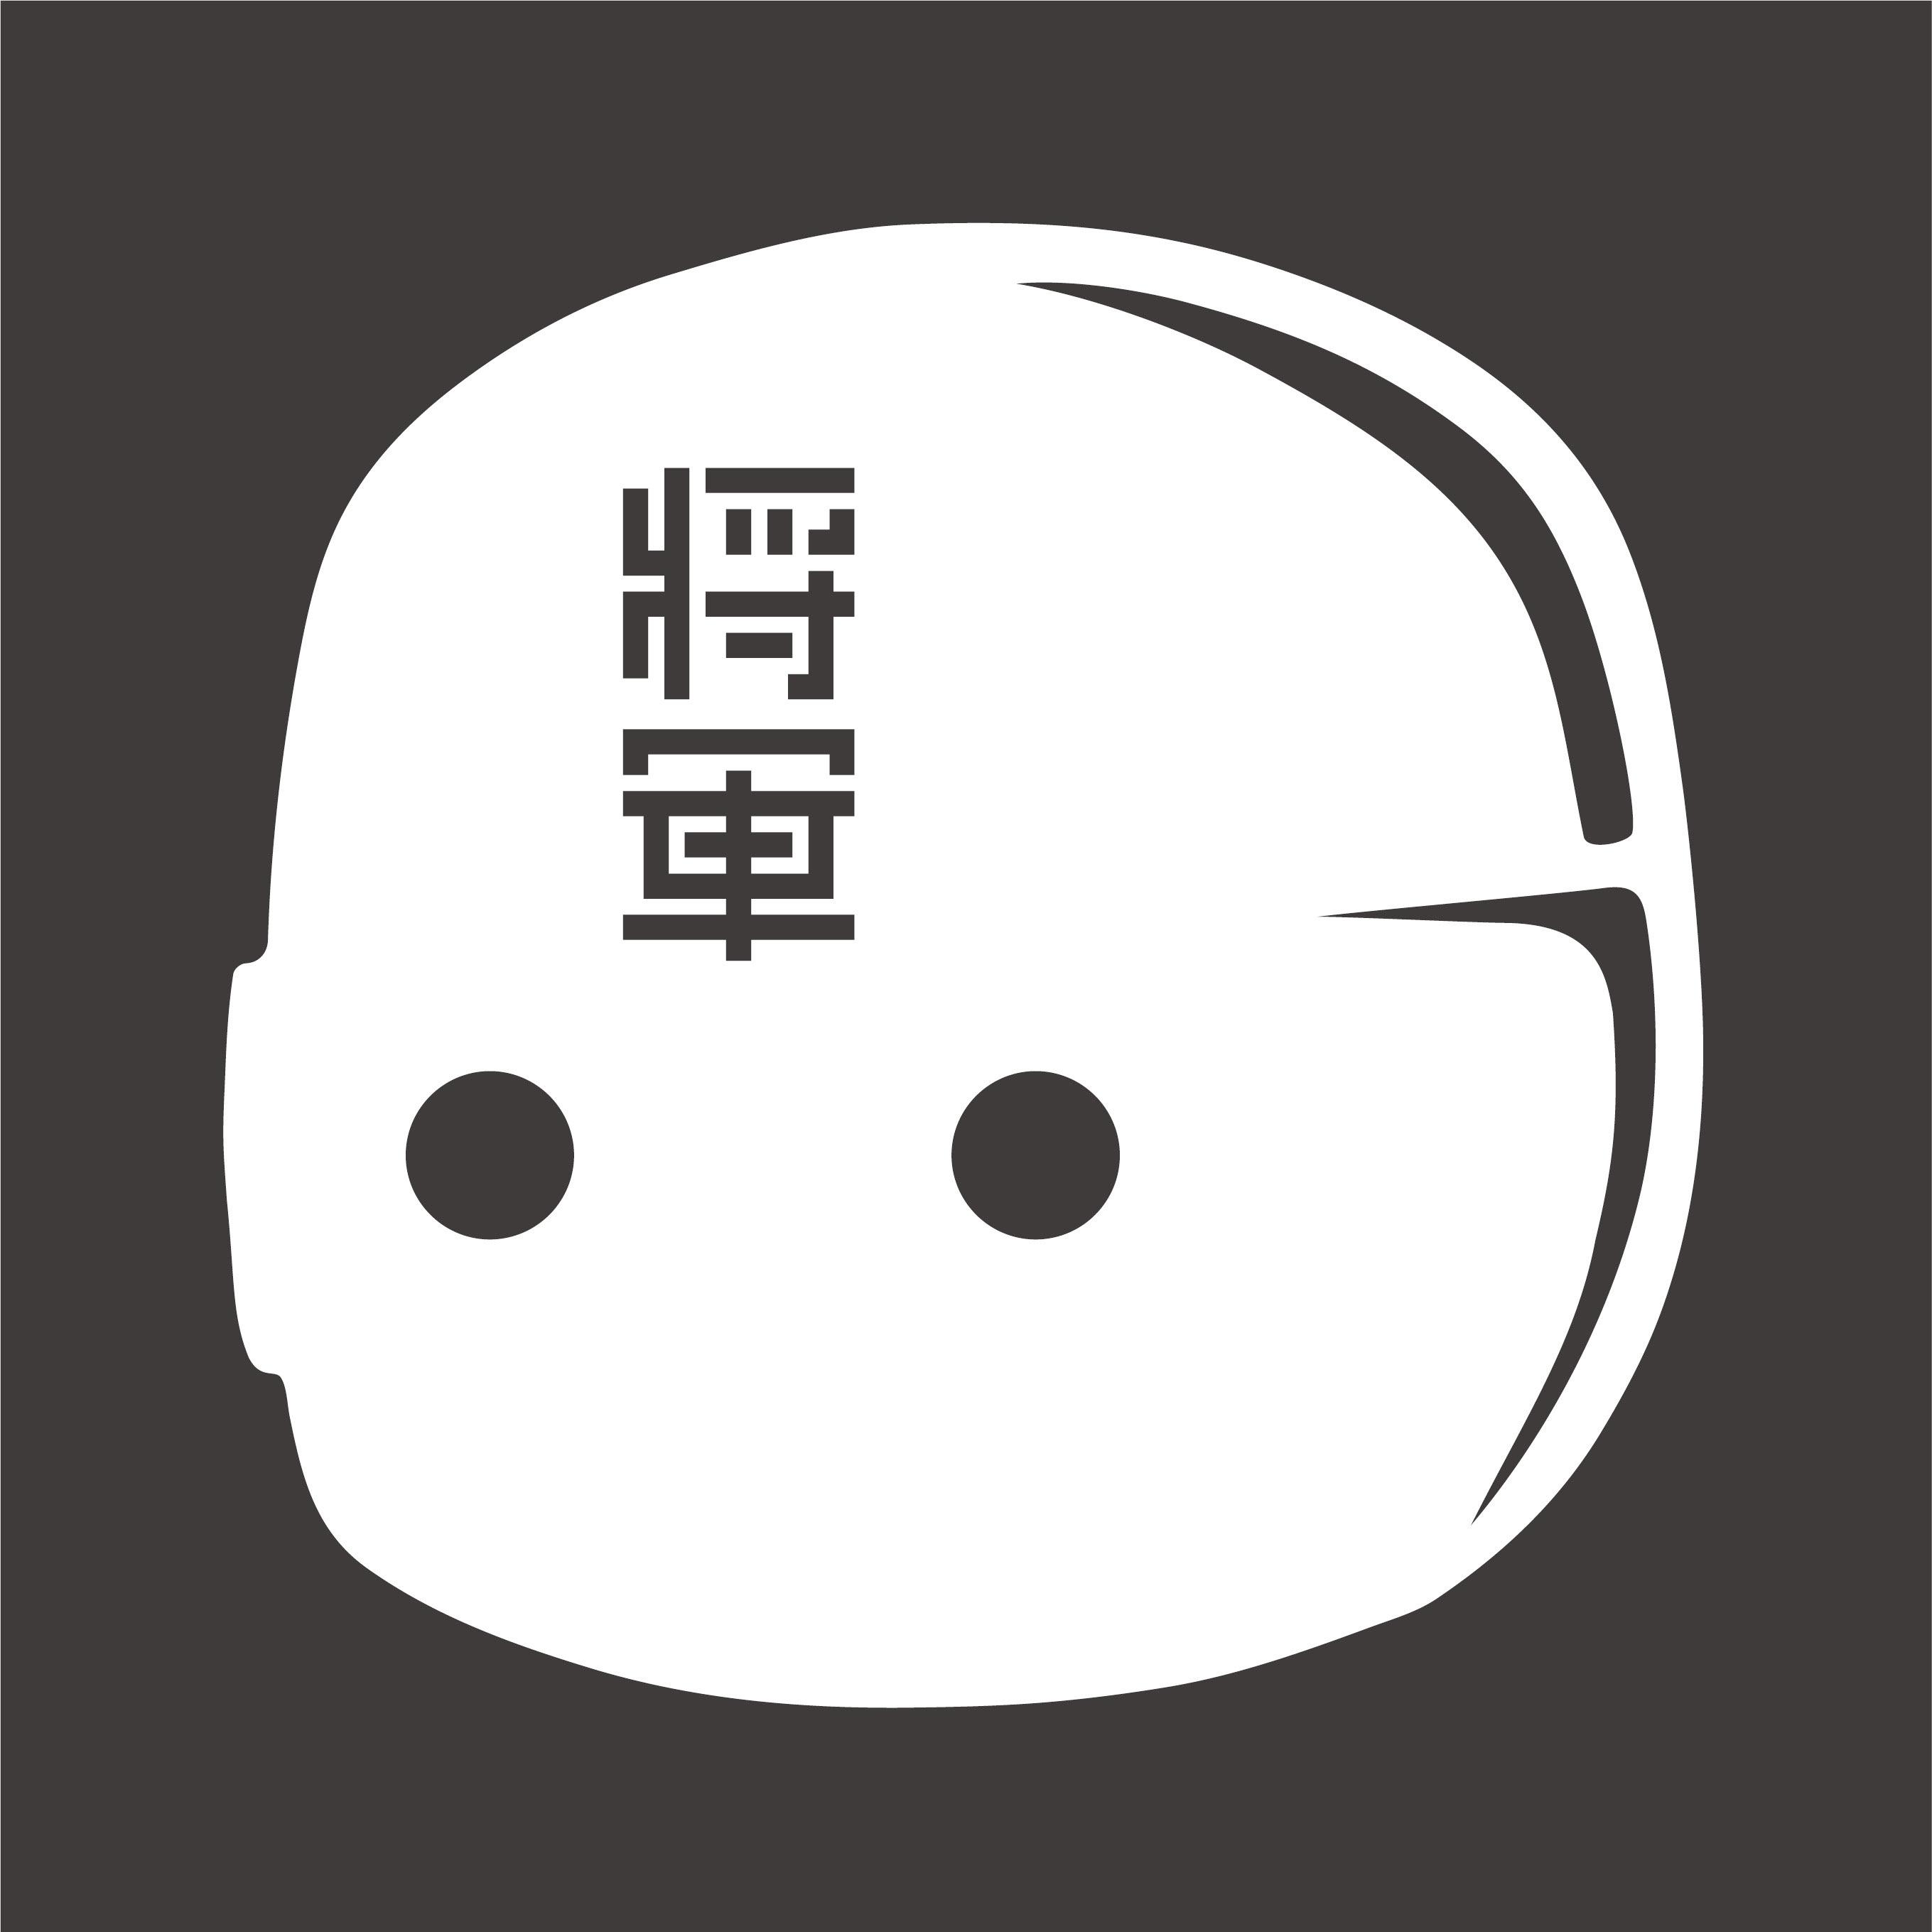 SHOGUN's WORK